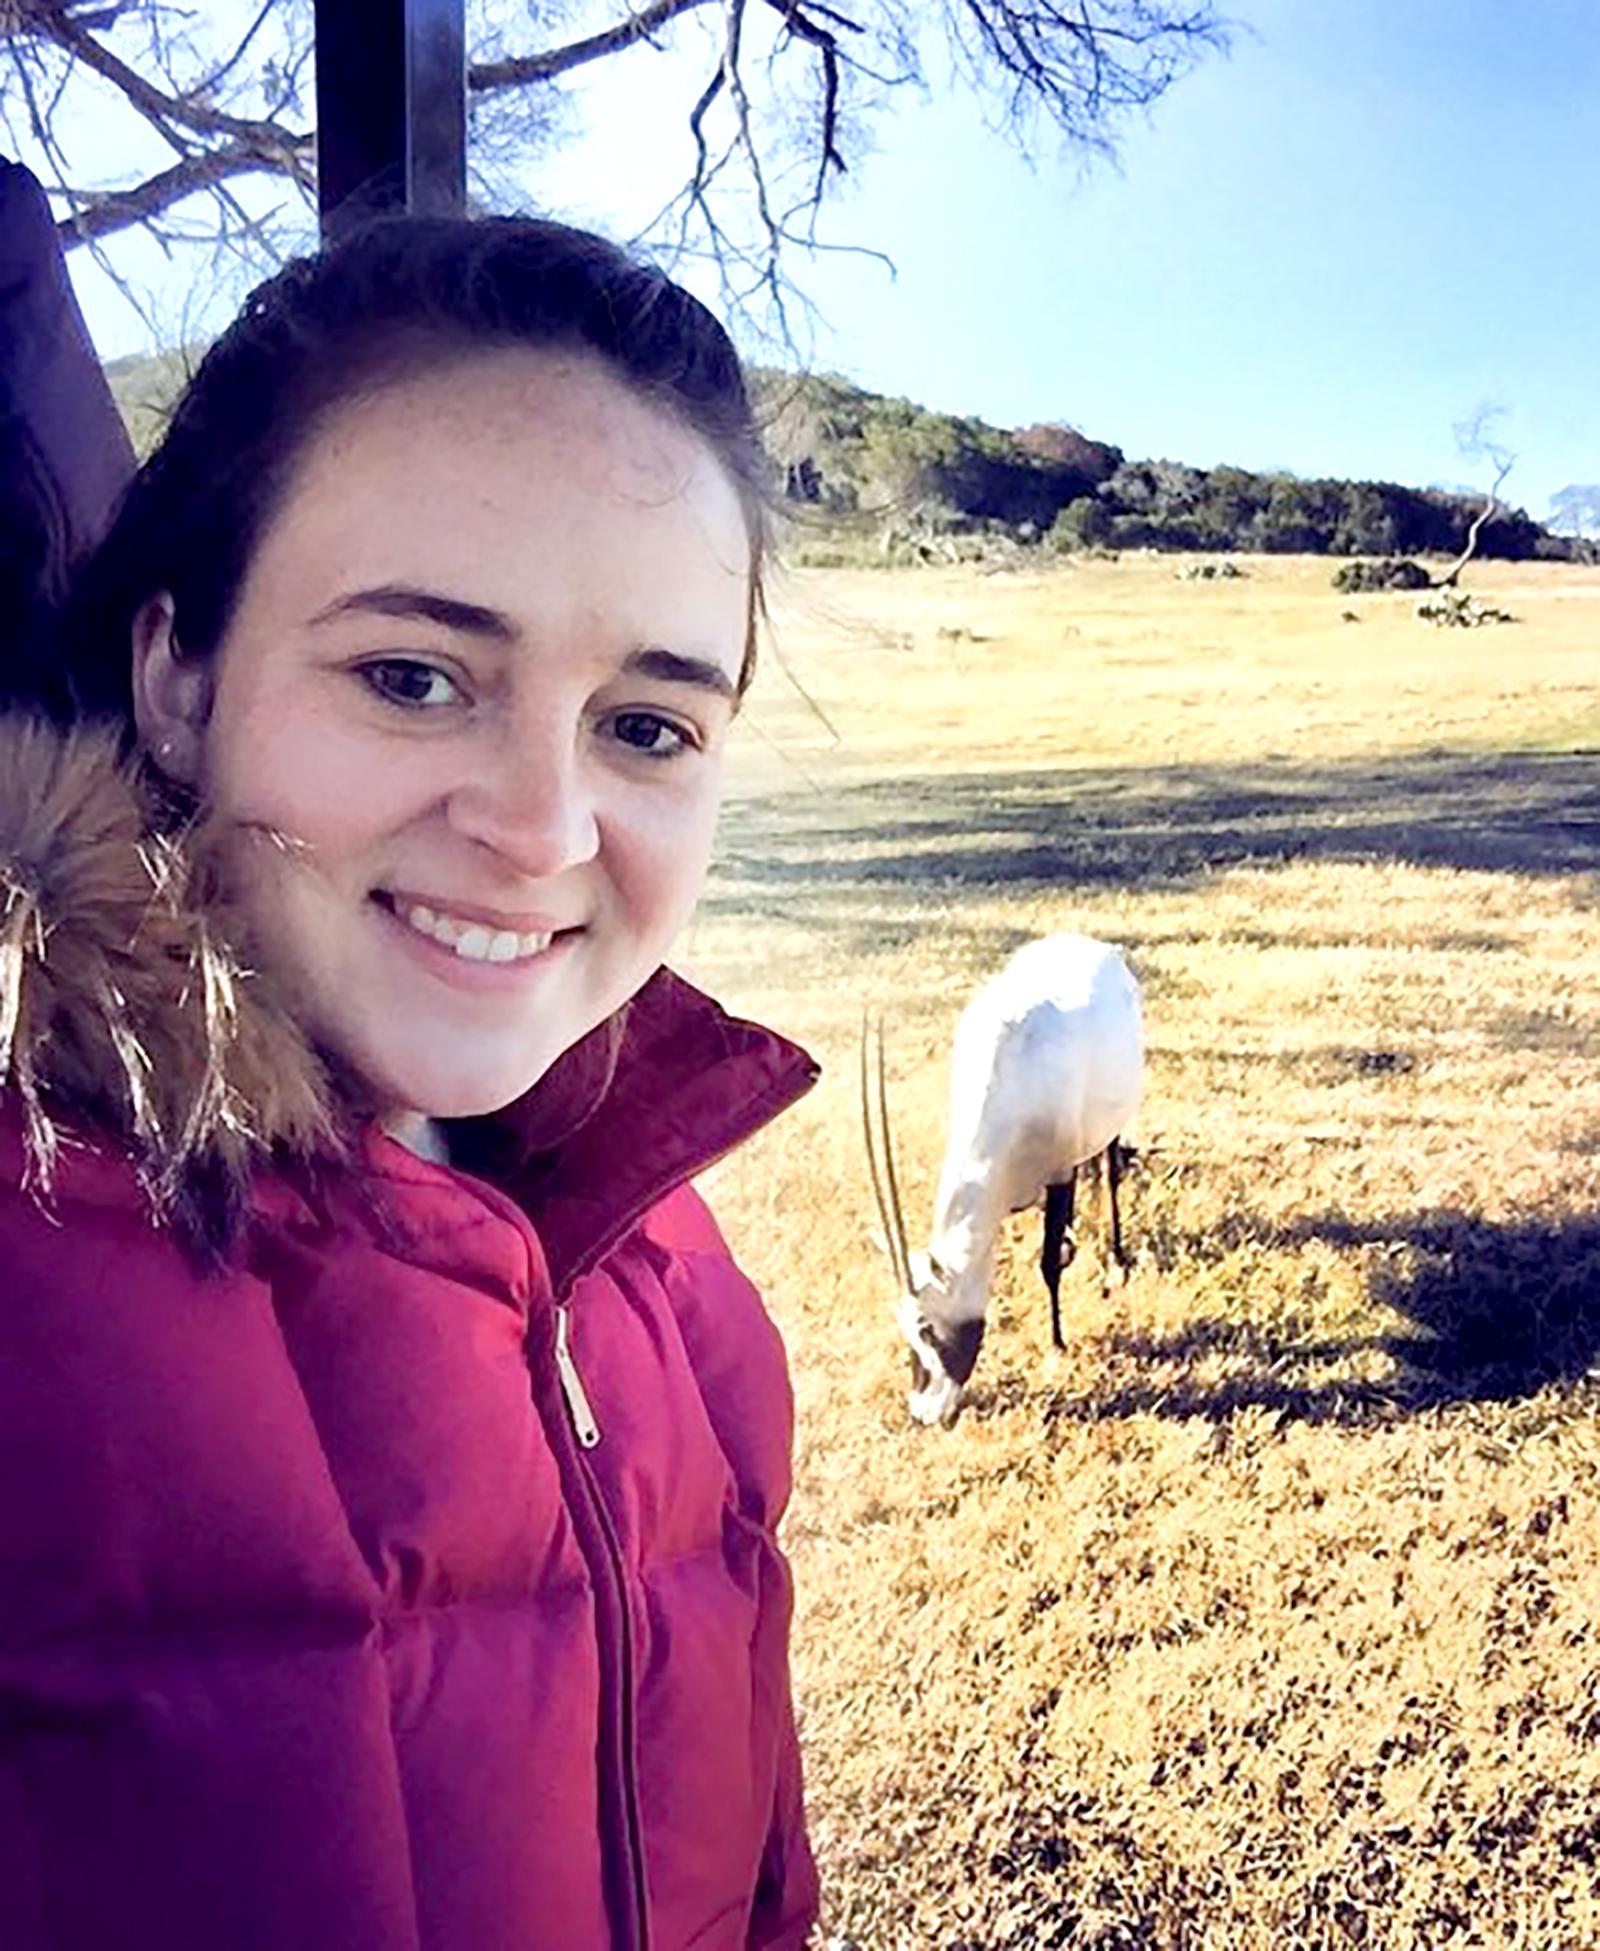 Codyrose and oryx